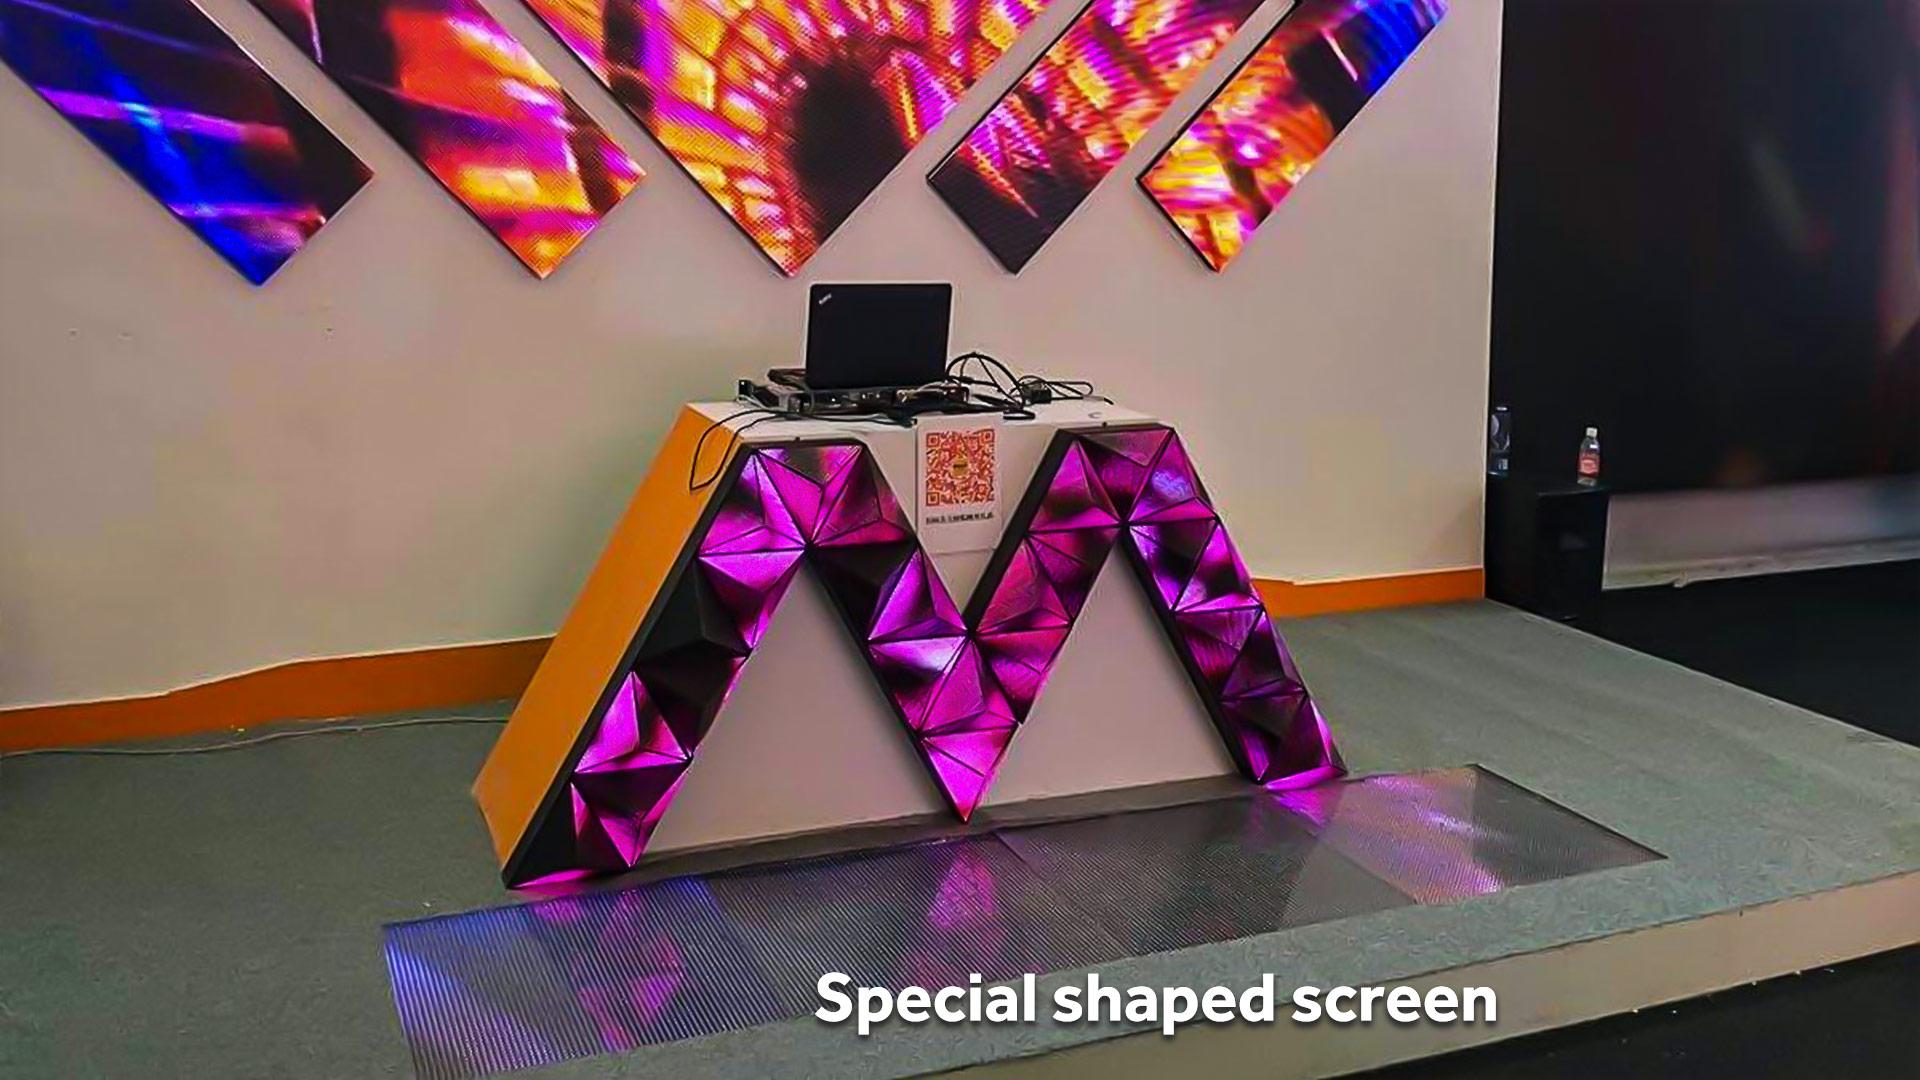 高品質の特殊形状のスクリーンLEDディスプレイの新しいケースプロジェクト